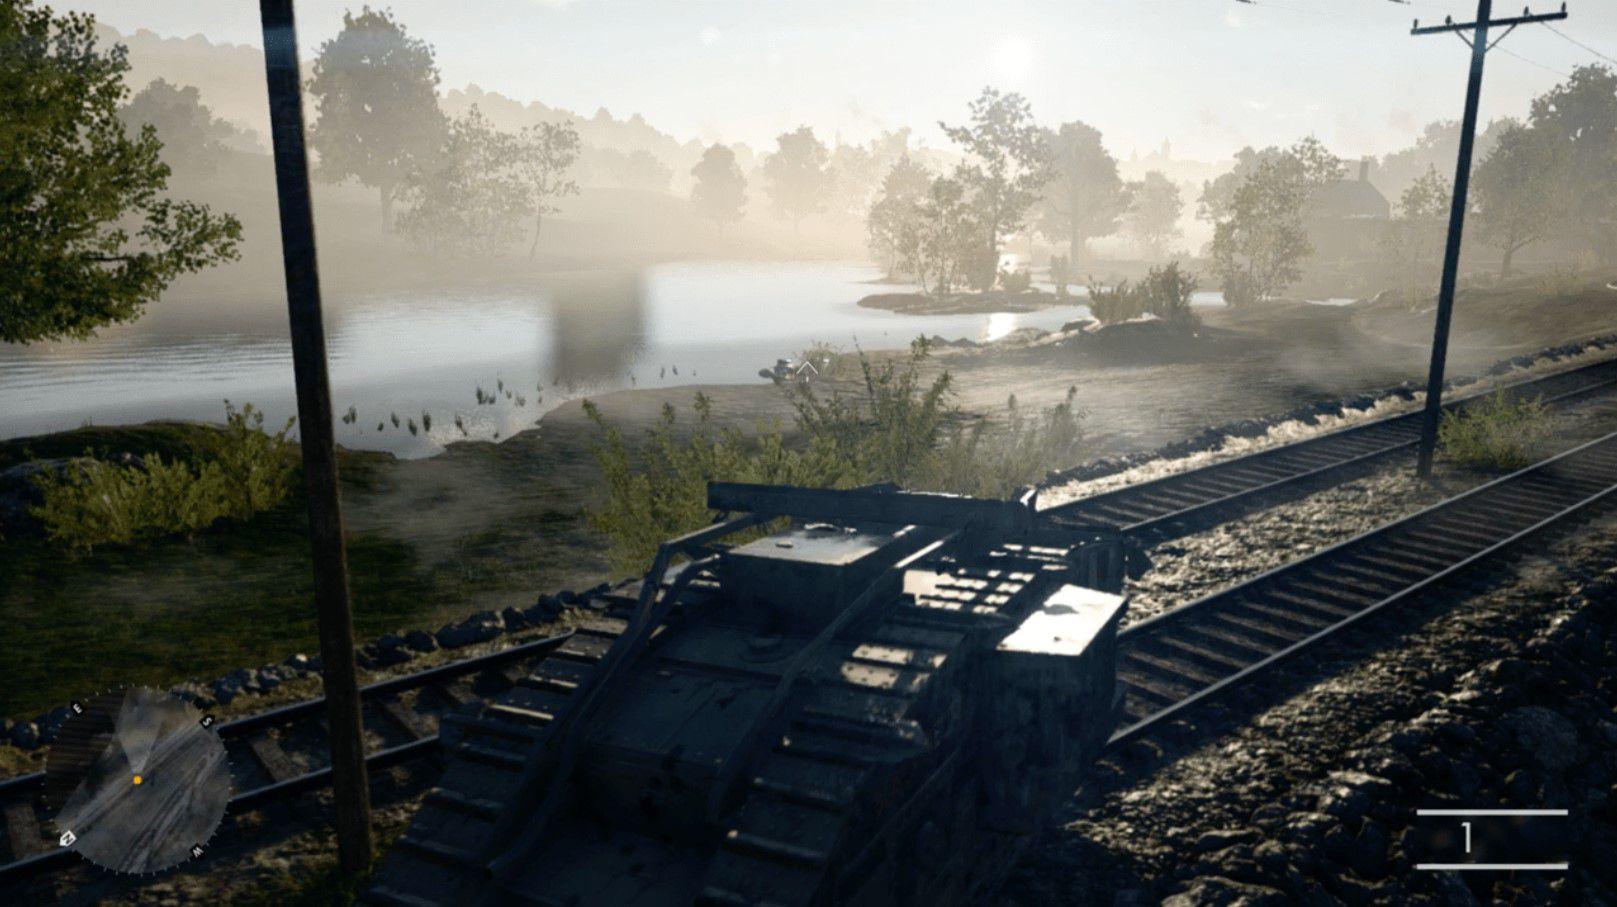 hinh Battlefield 1 Origin Key 1